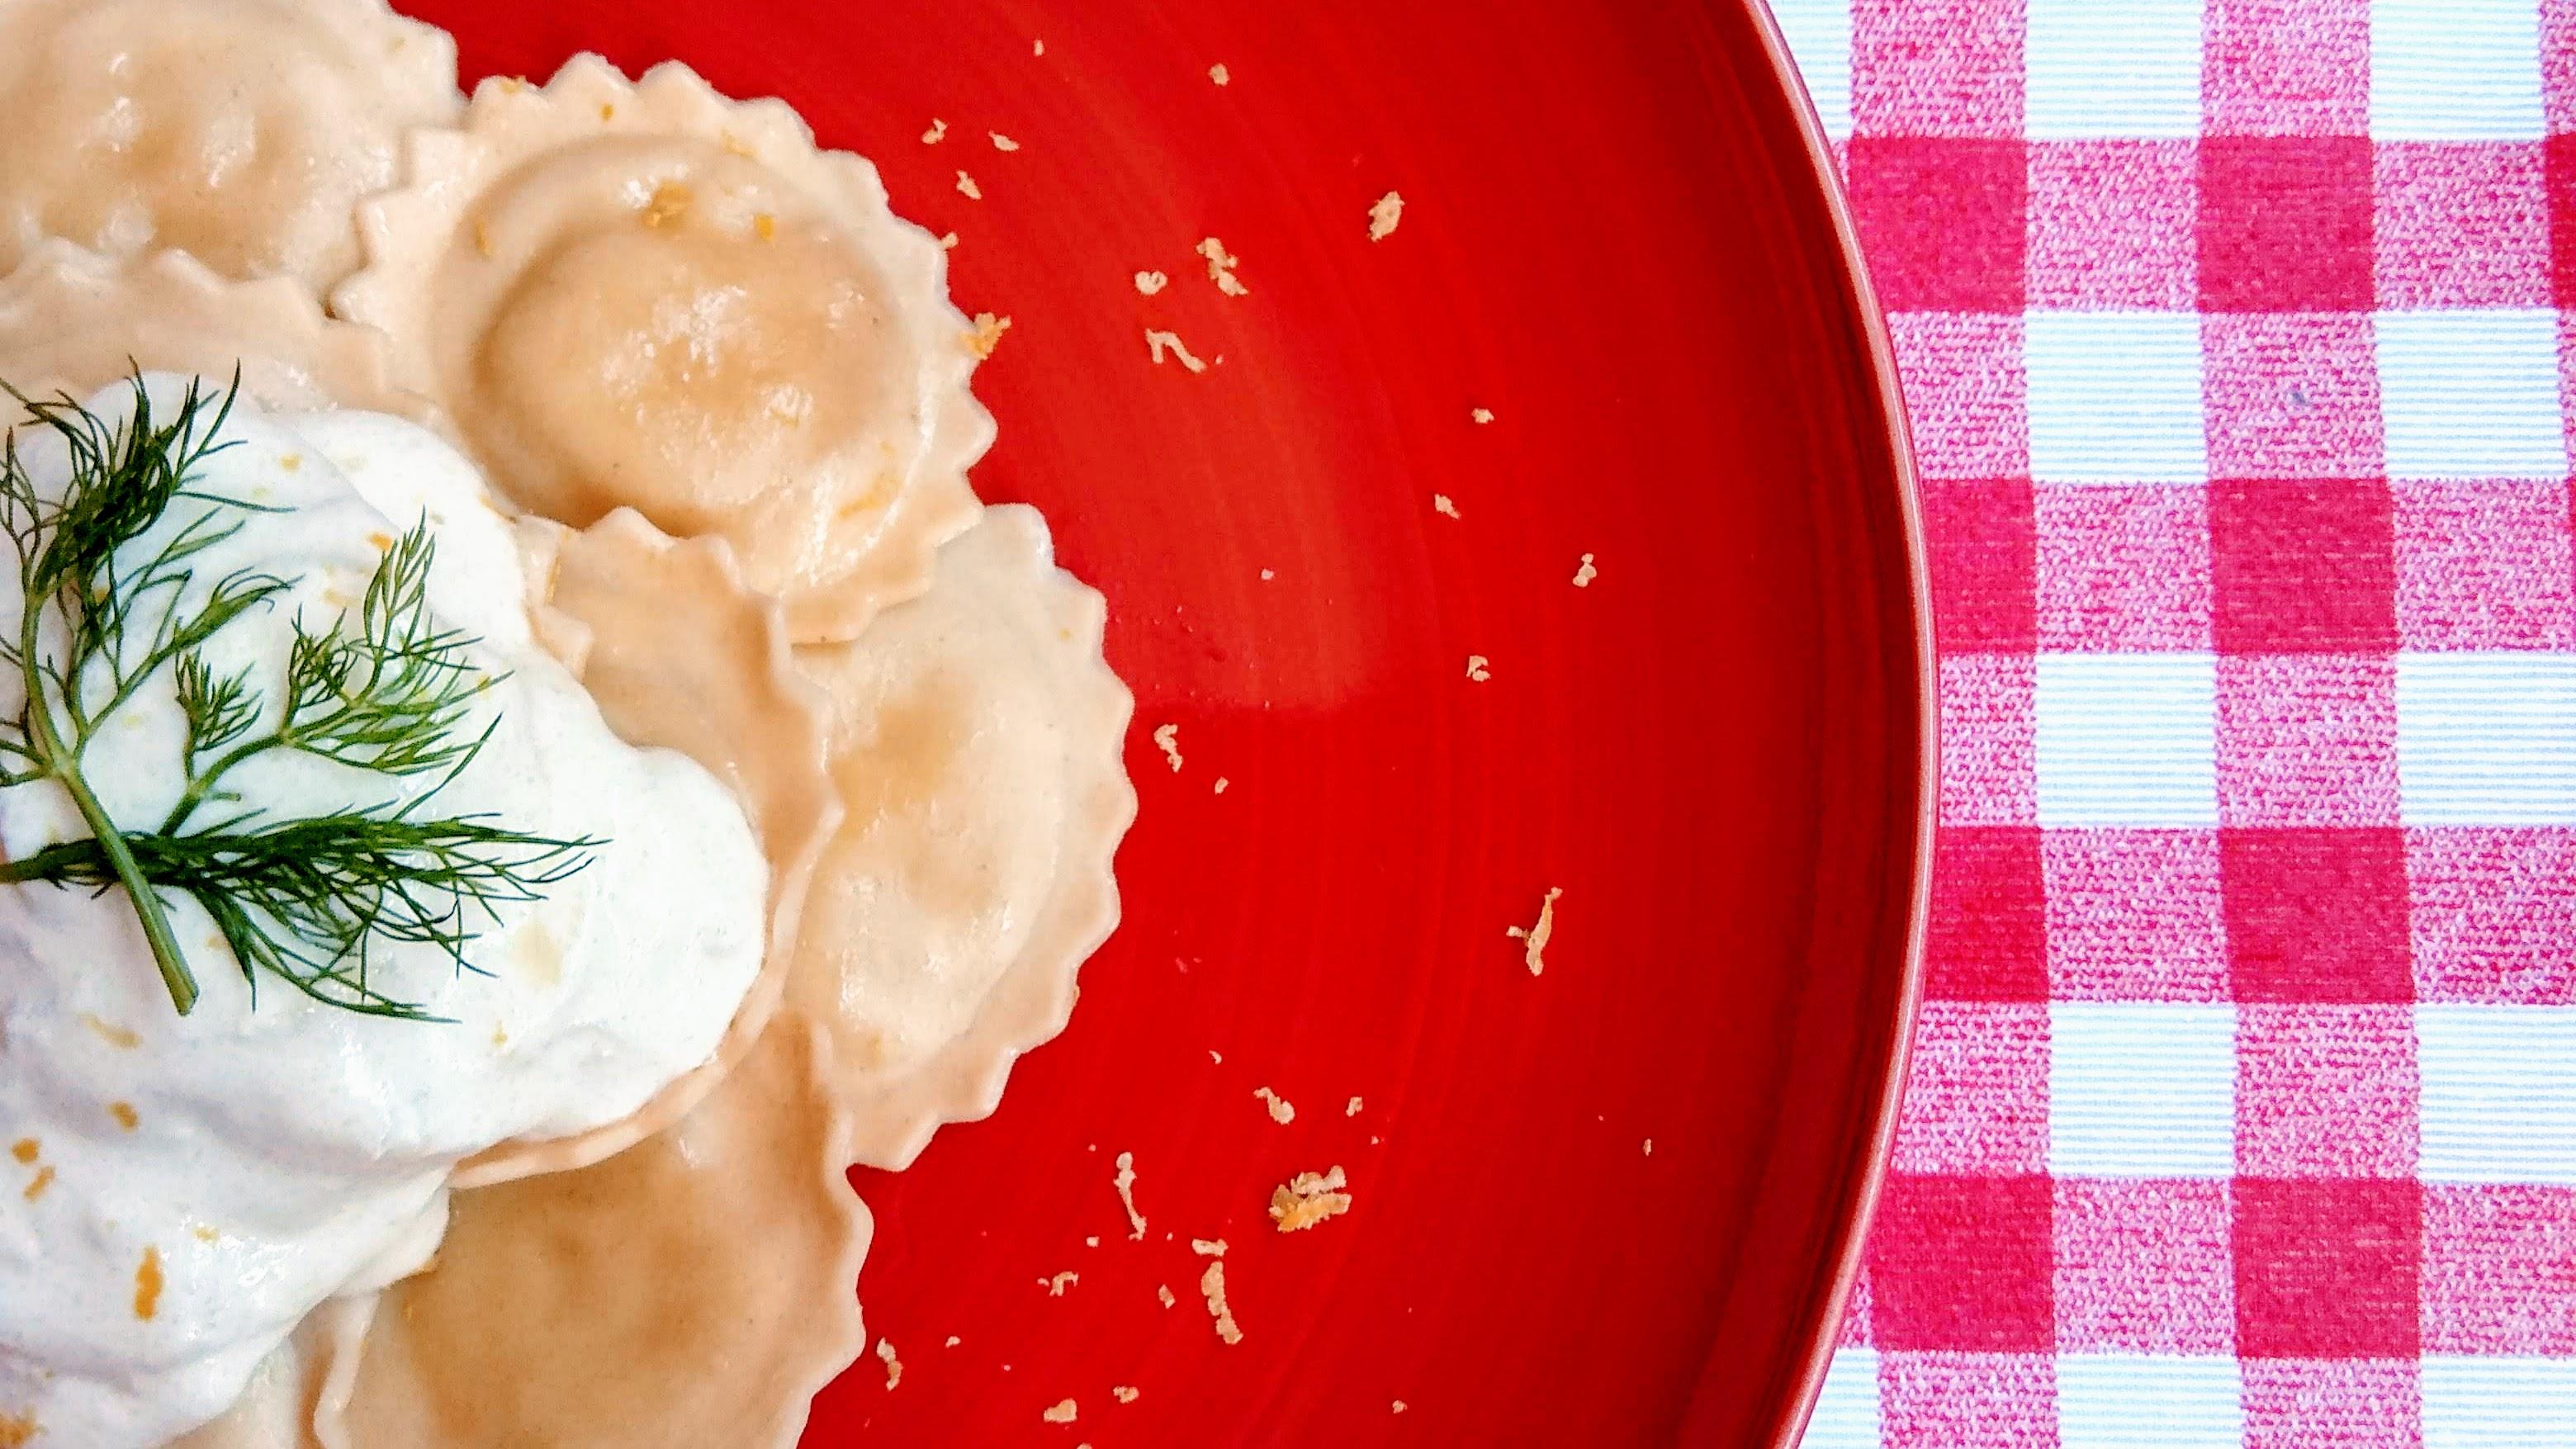 Receta de salsa de hinojo. Descúbrela en: www.cocinandoconlola.com